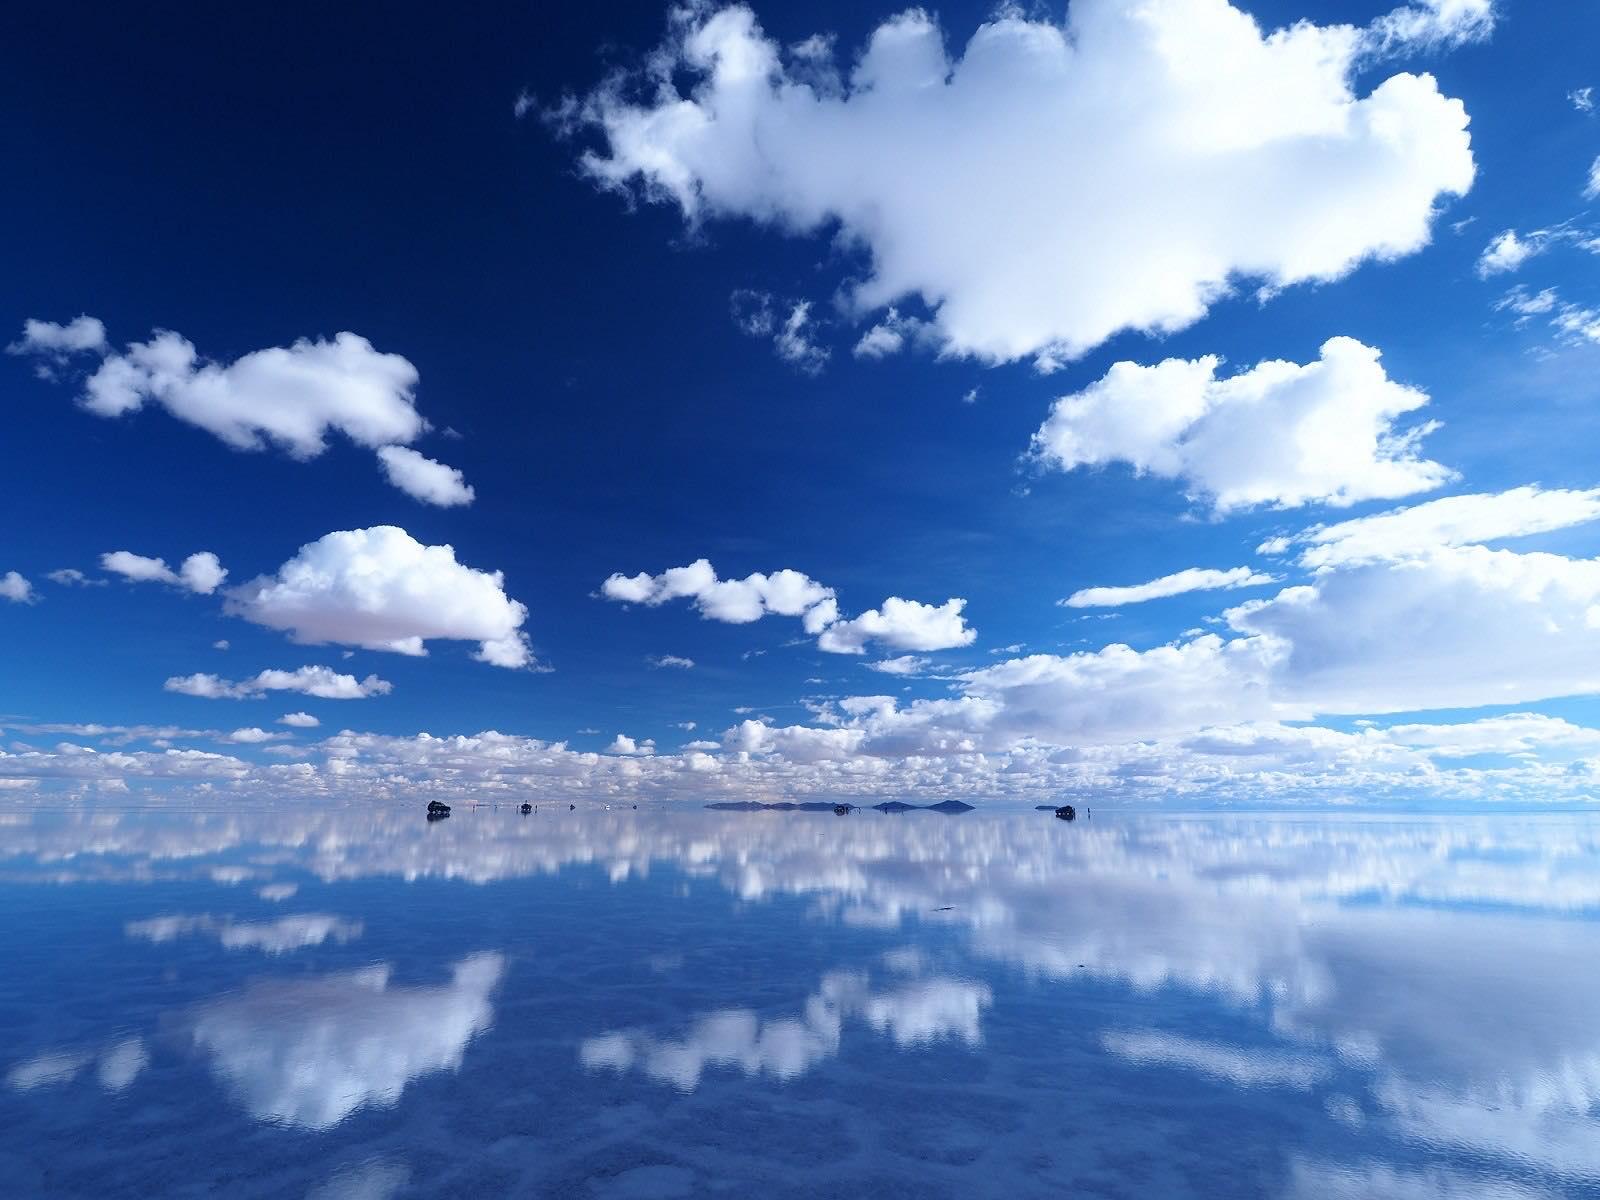 織作先生と行くボリビア・ウユニ塩湖とラパス撮影9日間ツアー